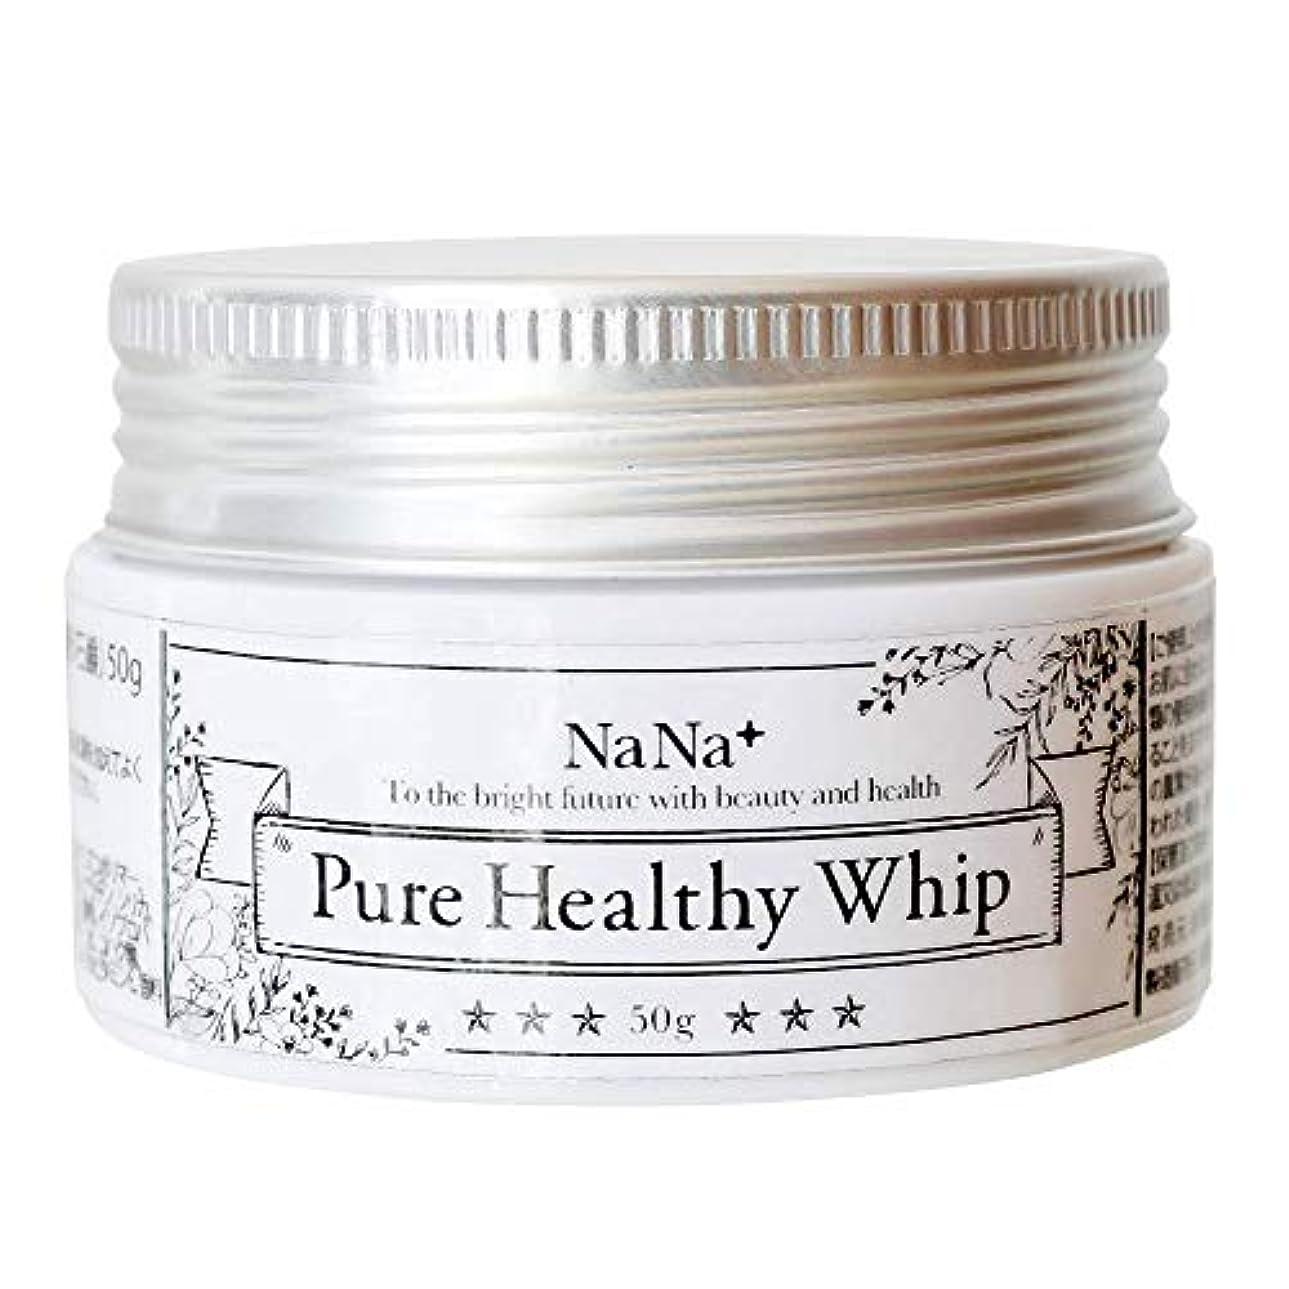 自分の力ですべてをするプレビスサイト盲目洗顔 生せっけん 敏感肌 乾燥肌 の 毛穴 くすみ 黒ずみ ケア 肌に優しい無添加  nana+ピュアヘルシーホイップ